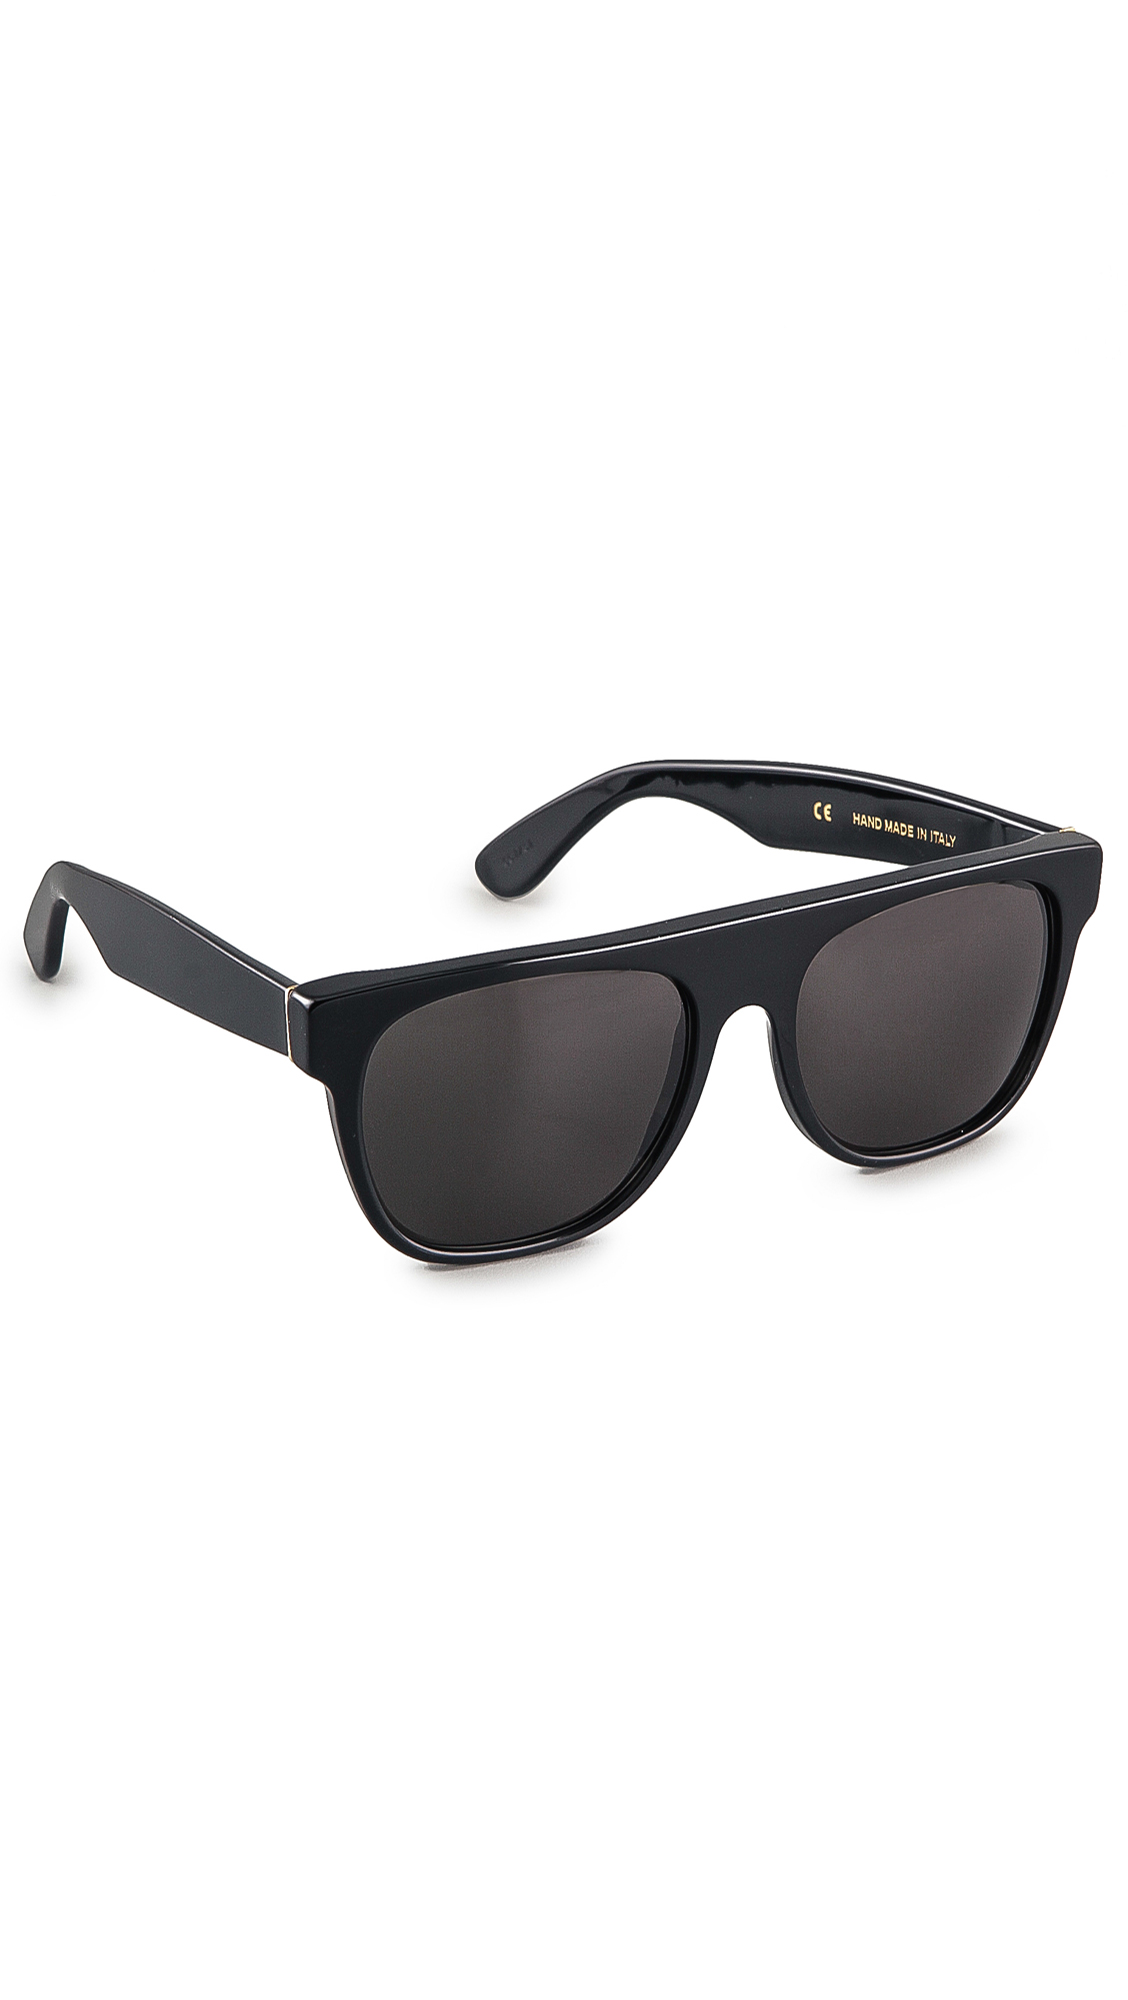 Super Sunglasses Flat Top Large Sunglasses